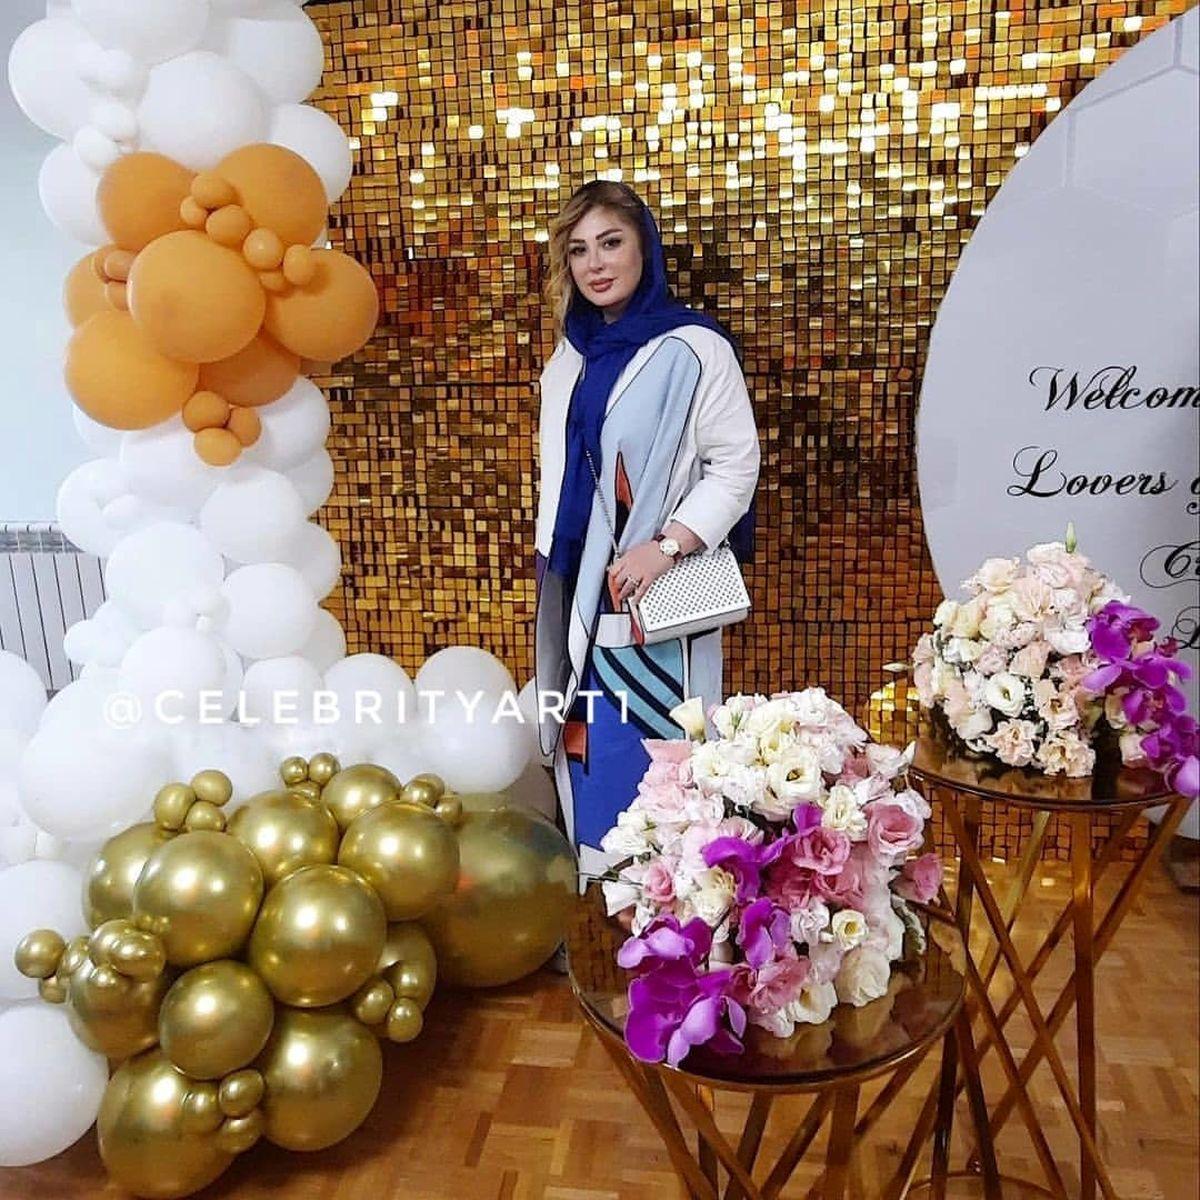 نیوشا ضیغمی در کنار مجسمه مهران مدیری + عکس جنجالی